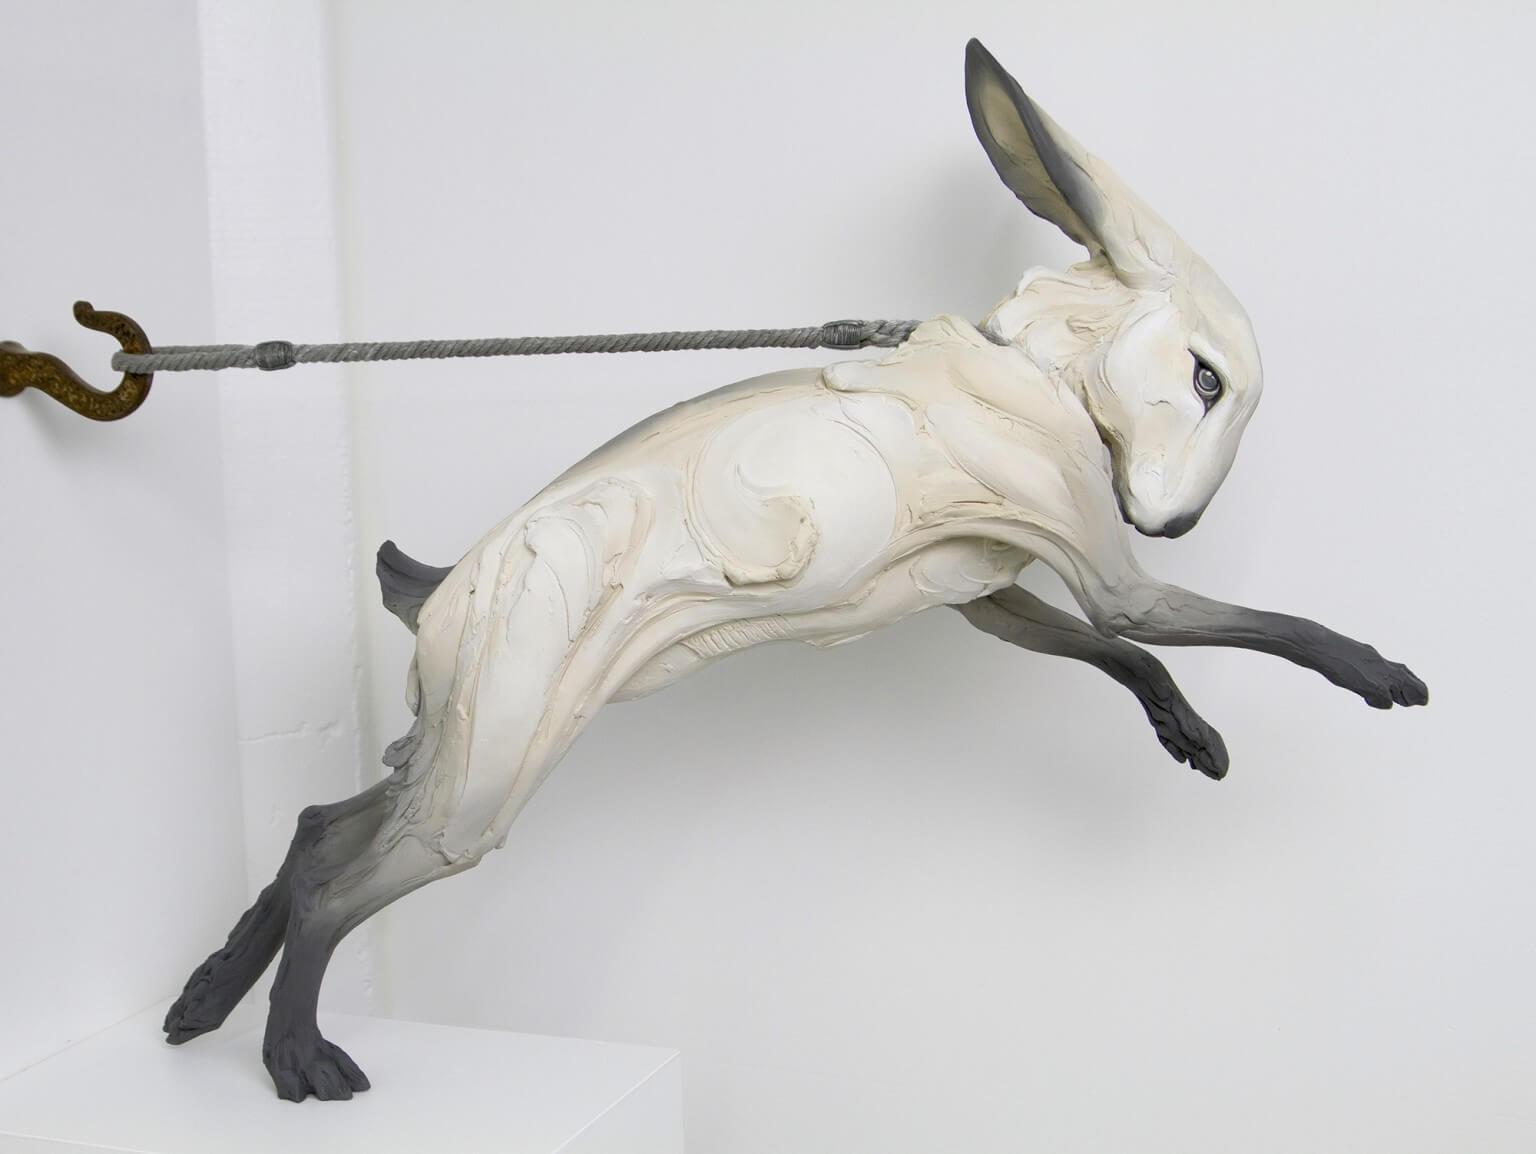 скульптуры животных с человеческими эмоциями, фото 3